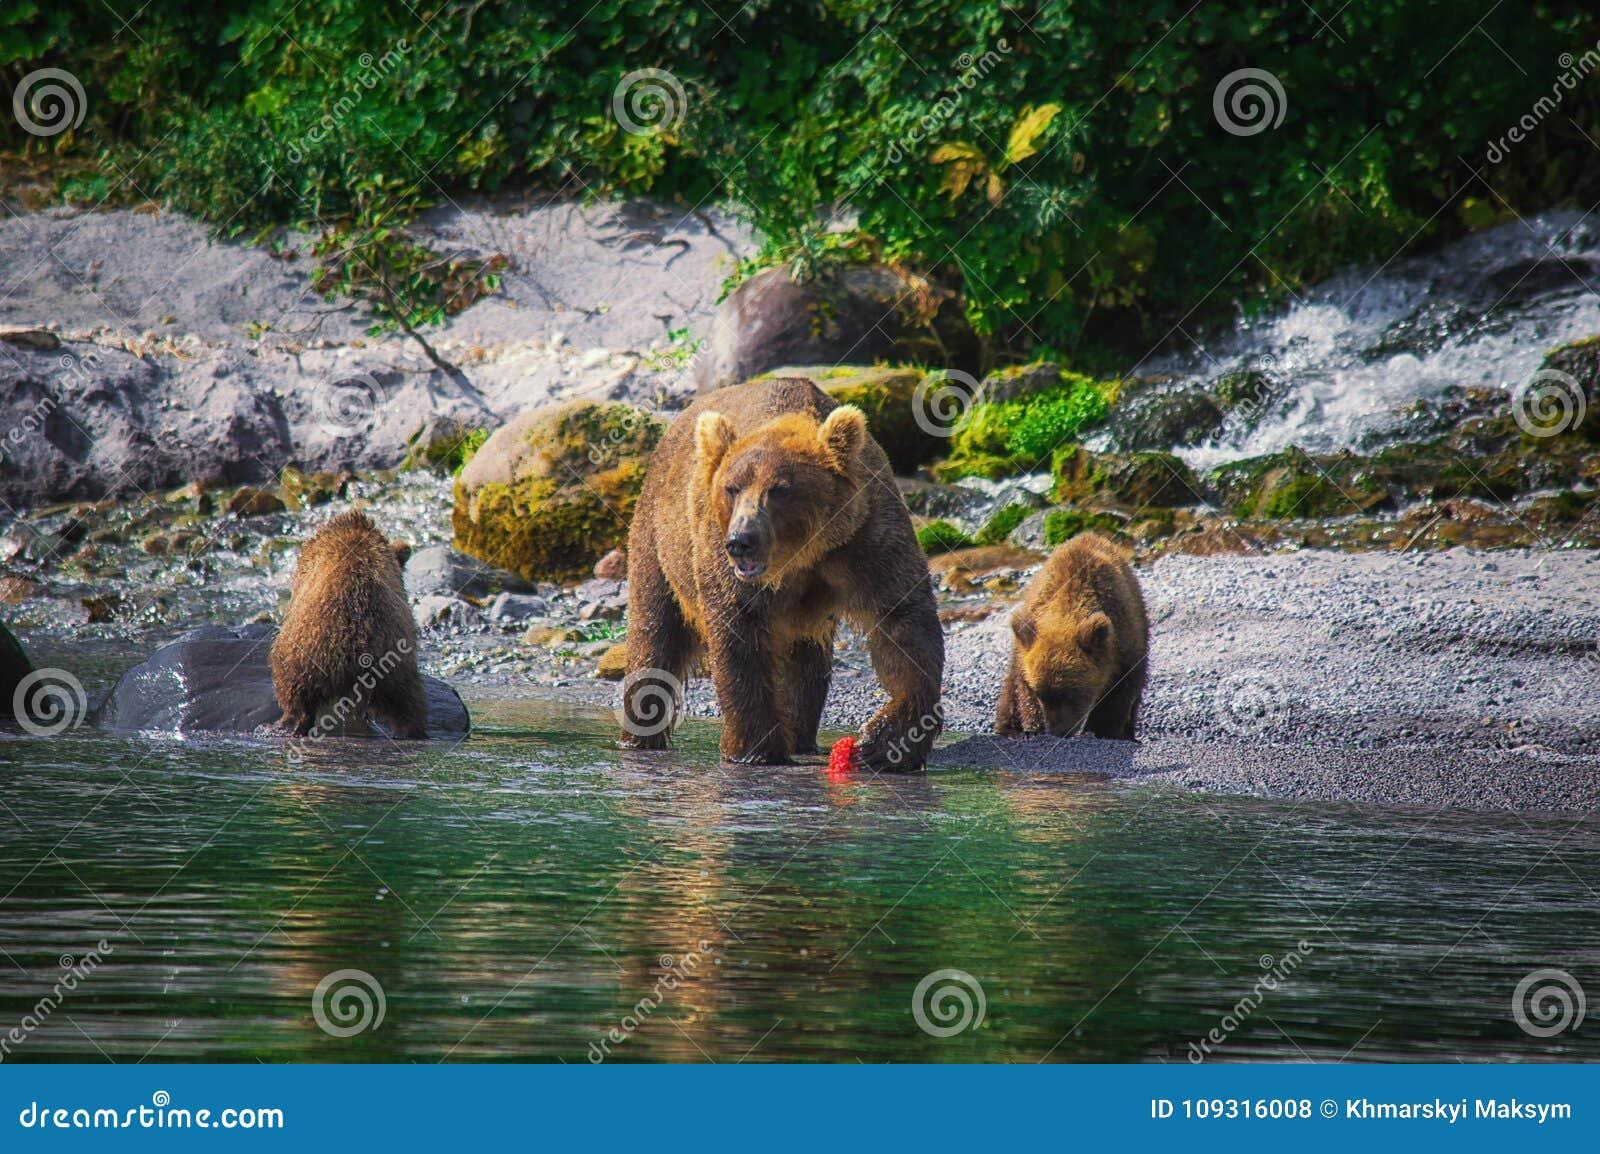 La hembra del oso marrón de Kamchatka y los cachorros de oso cogen pescados en el lago Kuril Península de Kamchatka, Rusia